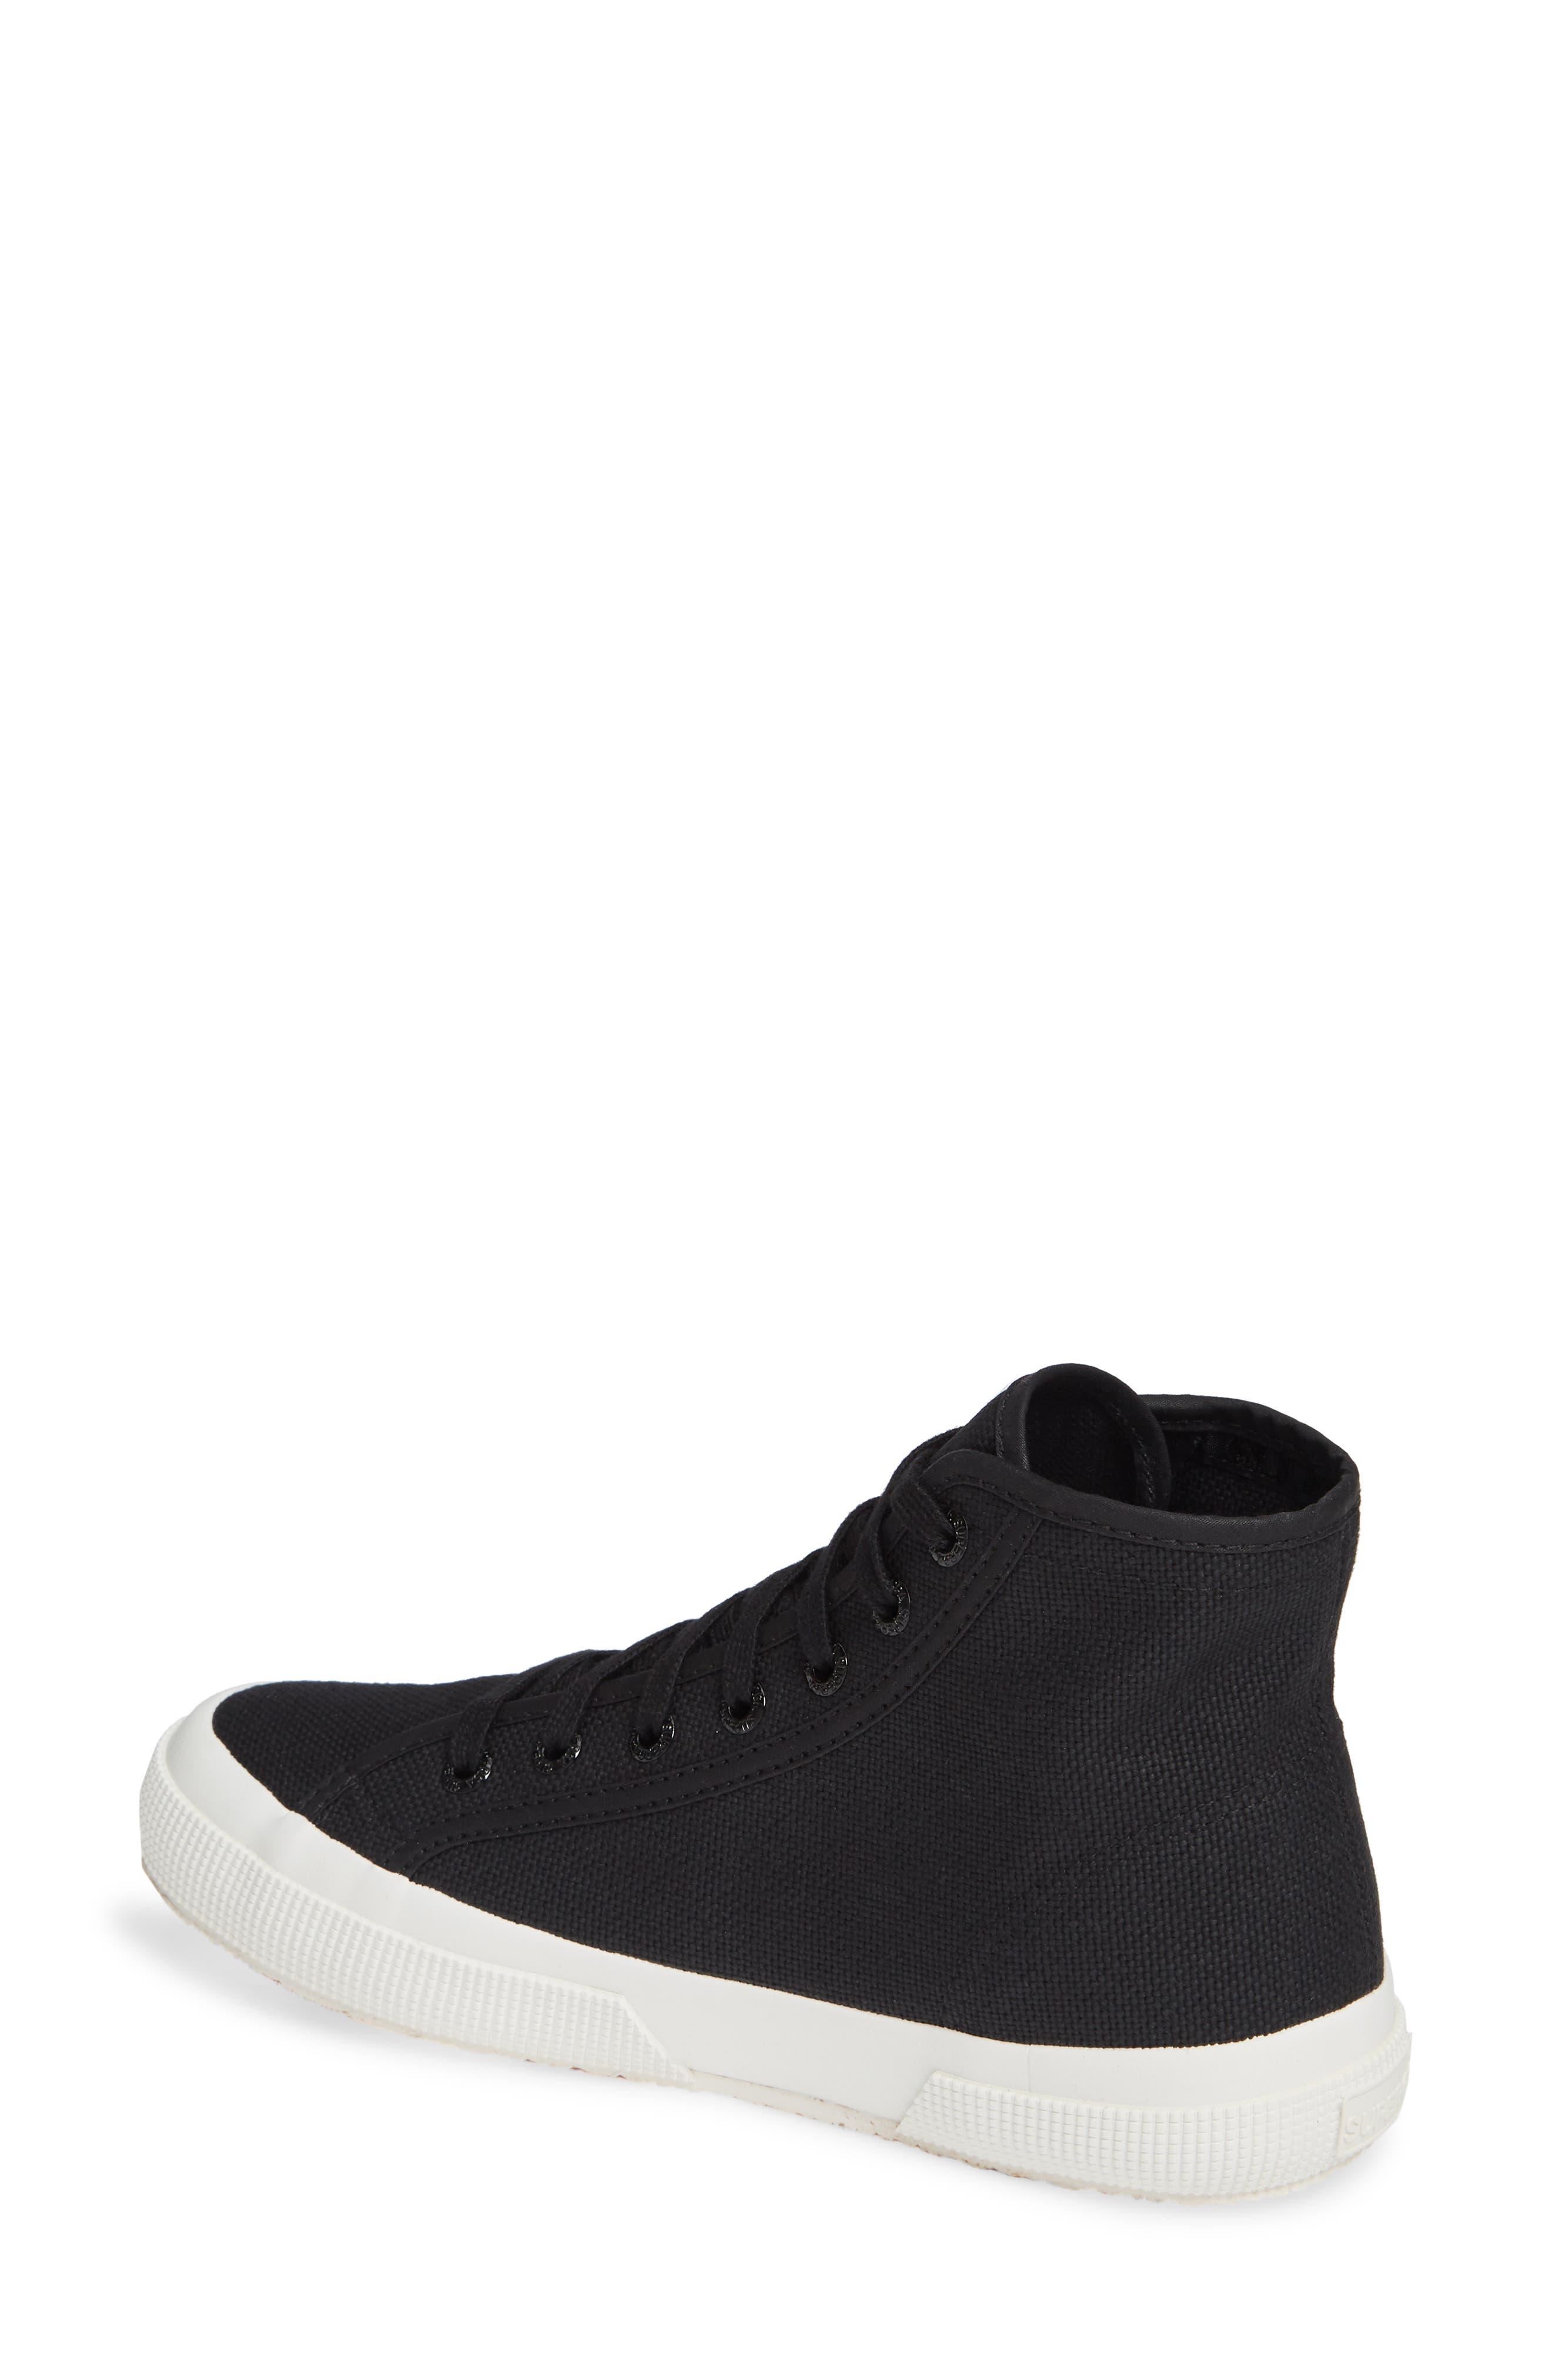 2795 High Top Sneaker,                             Alternate thumbnail 2, color,                             BLACK/ WHITE